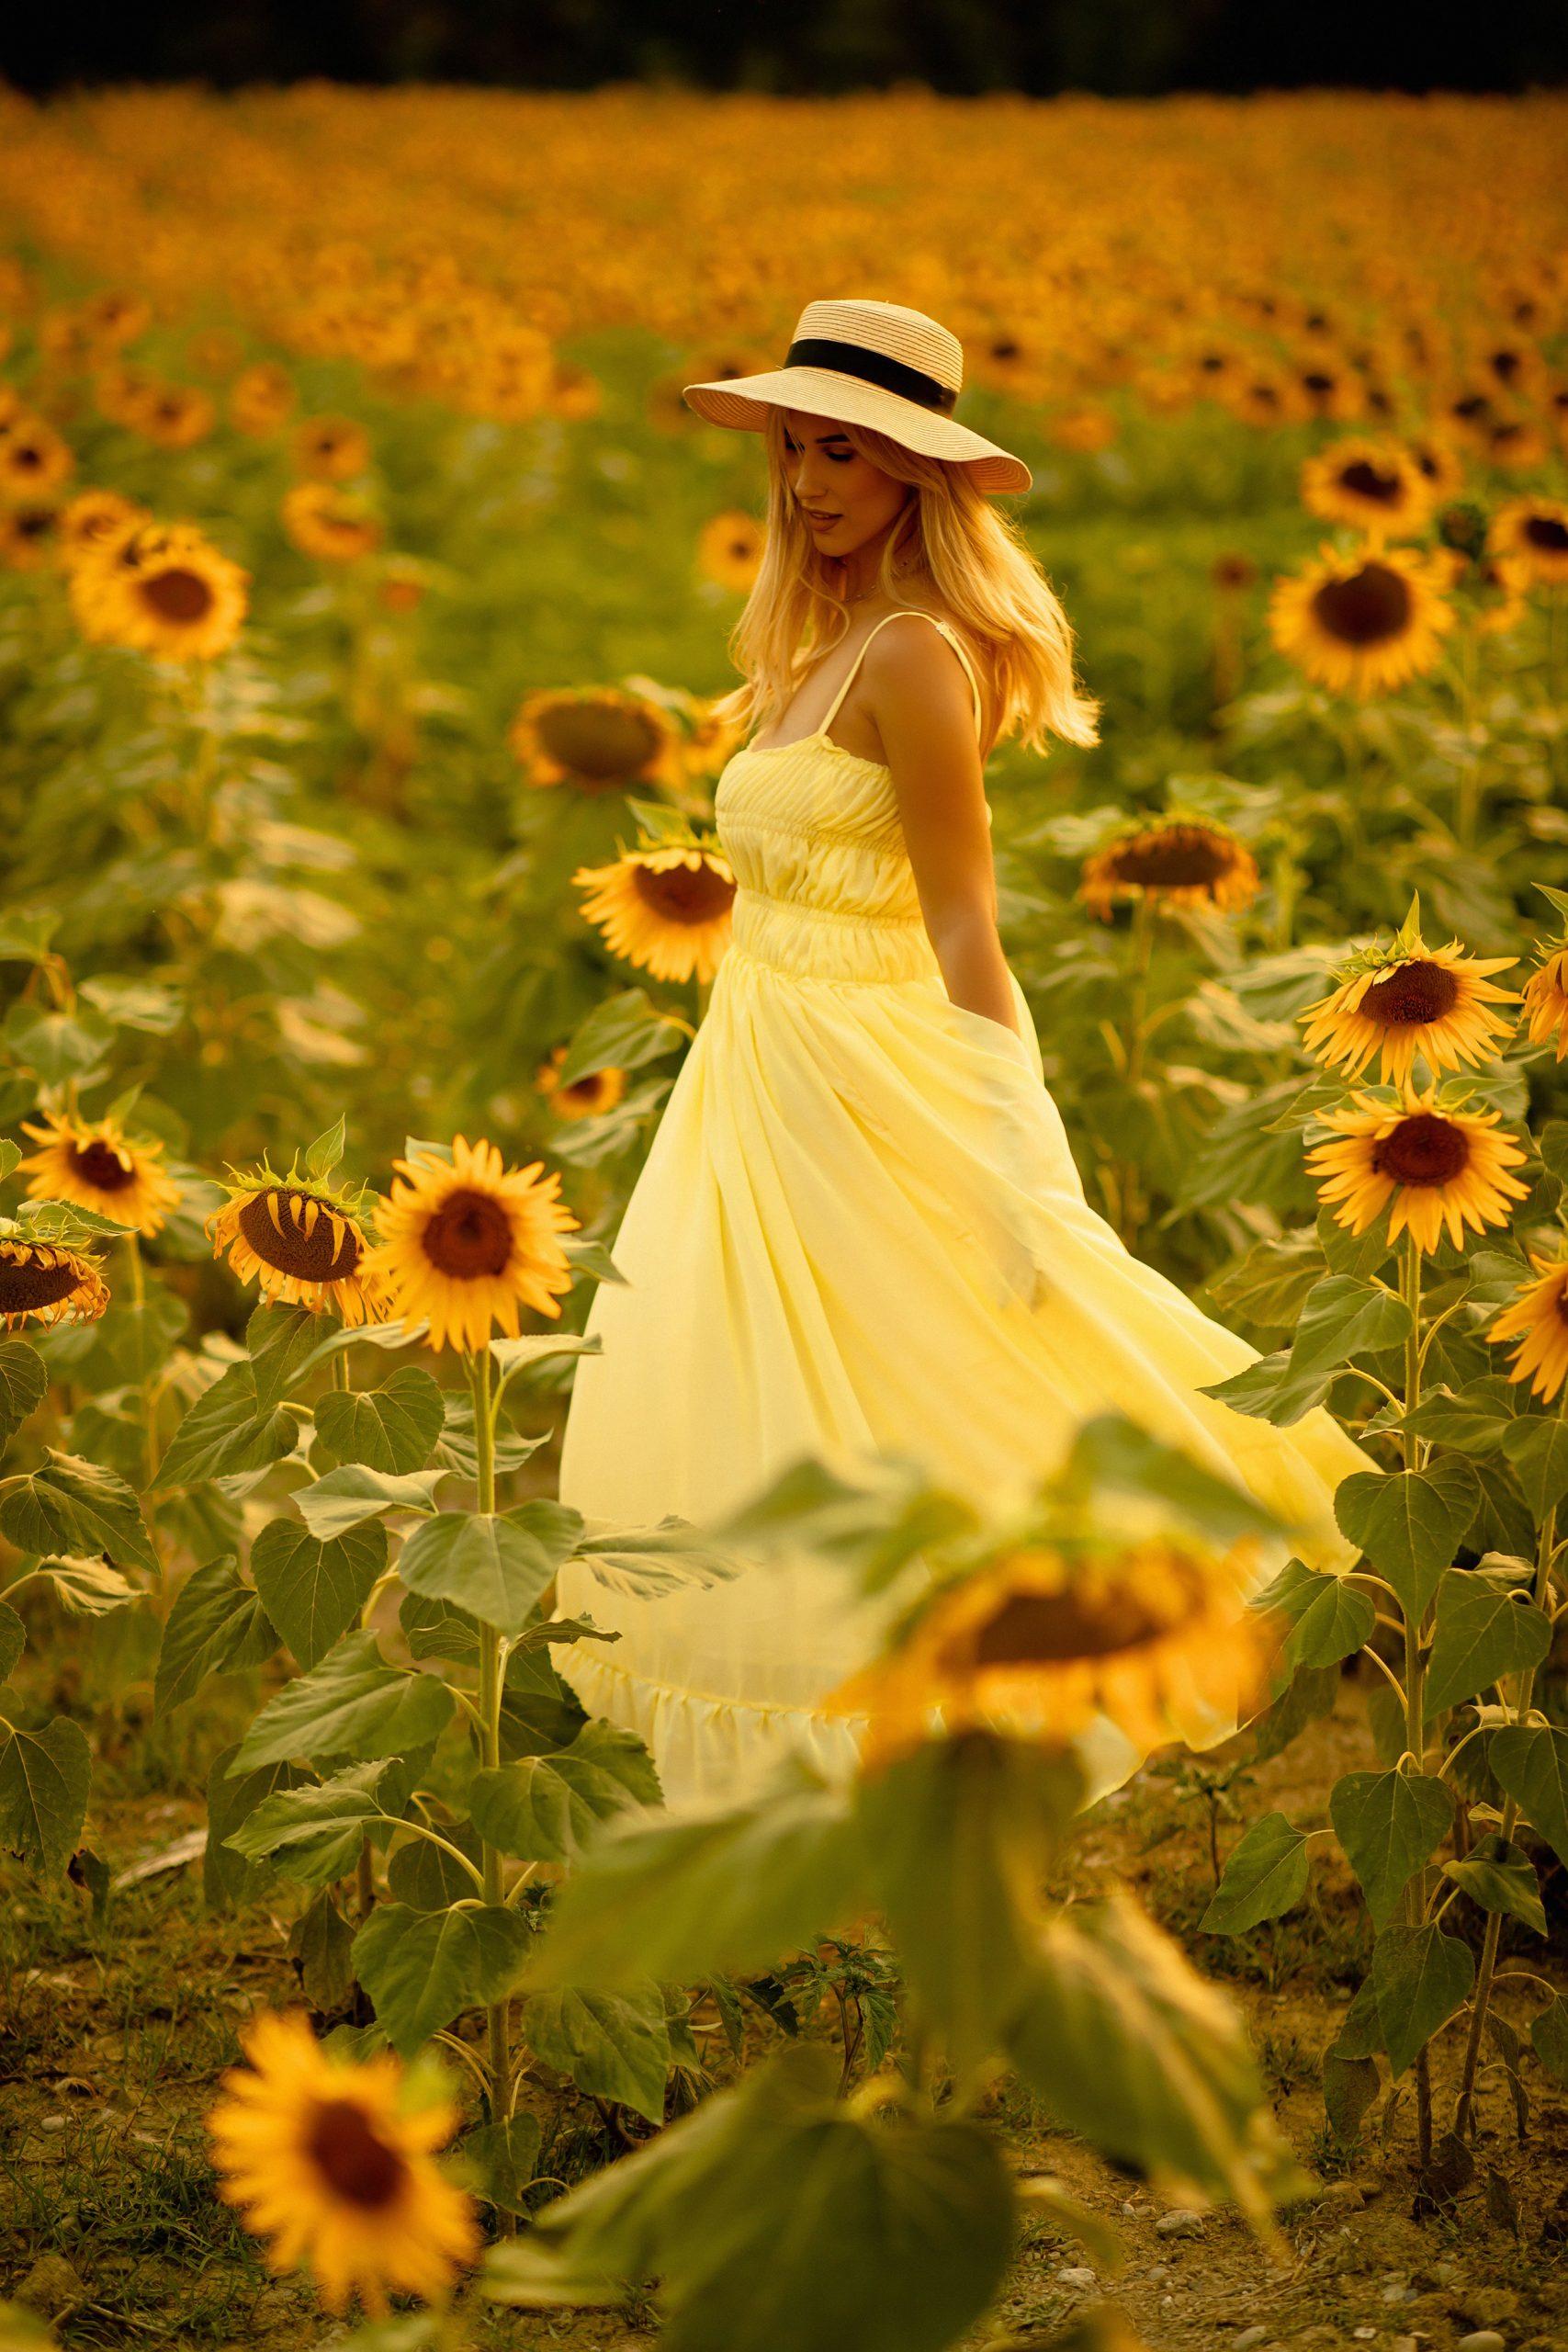 Blonde girl spinning around in the sunflower field